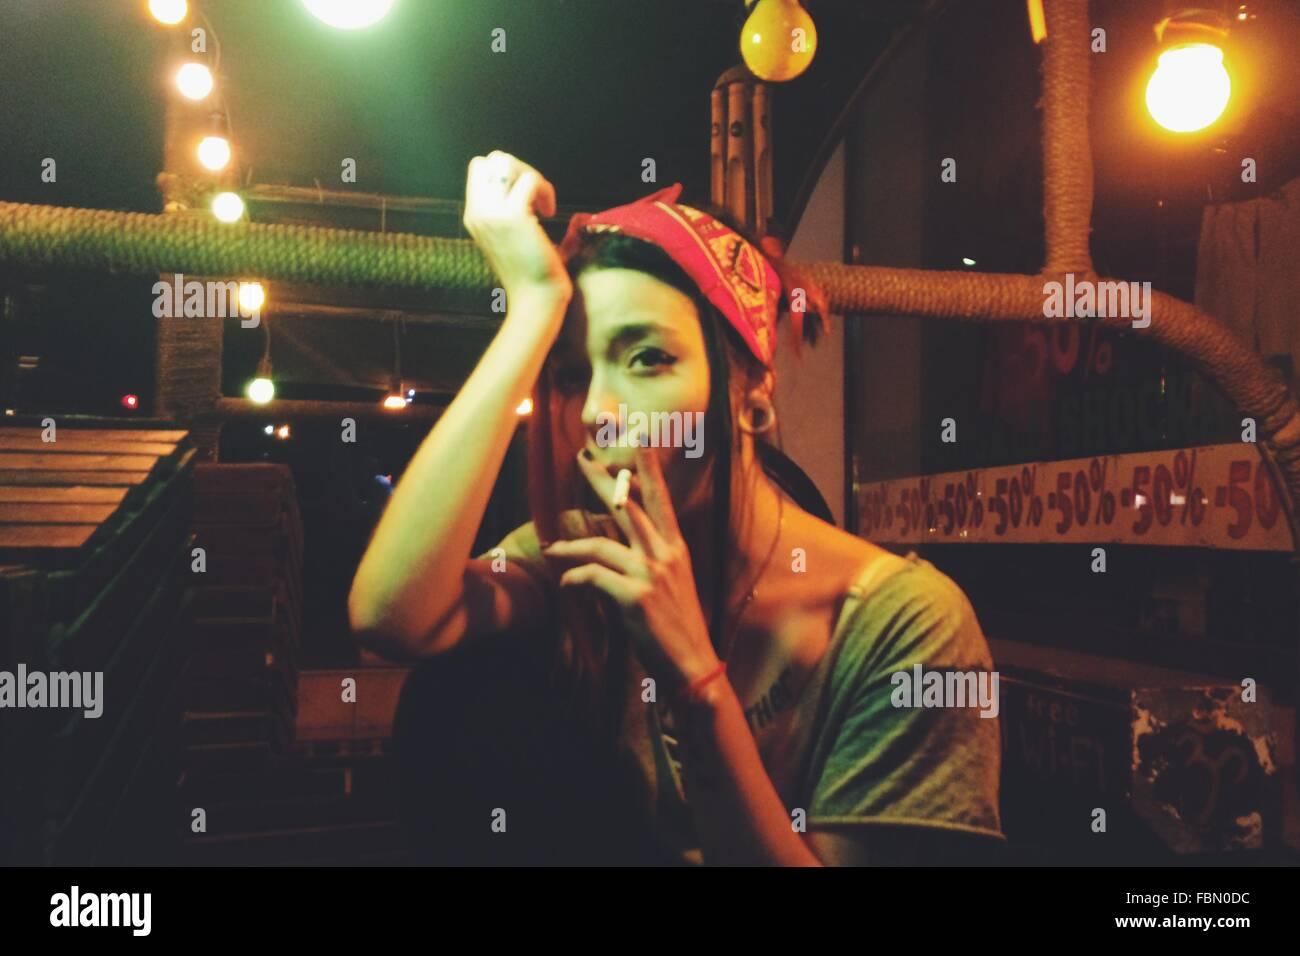 Mujer joven con la cabeza en la mano de fumar mientras se está sentado en la terraza iluminada Imagen De Stock